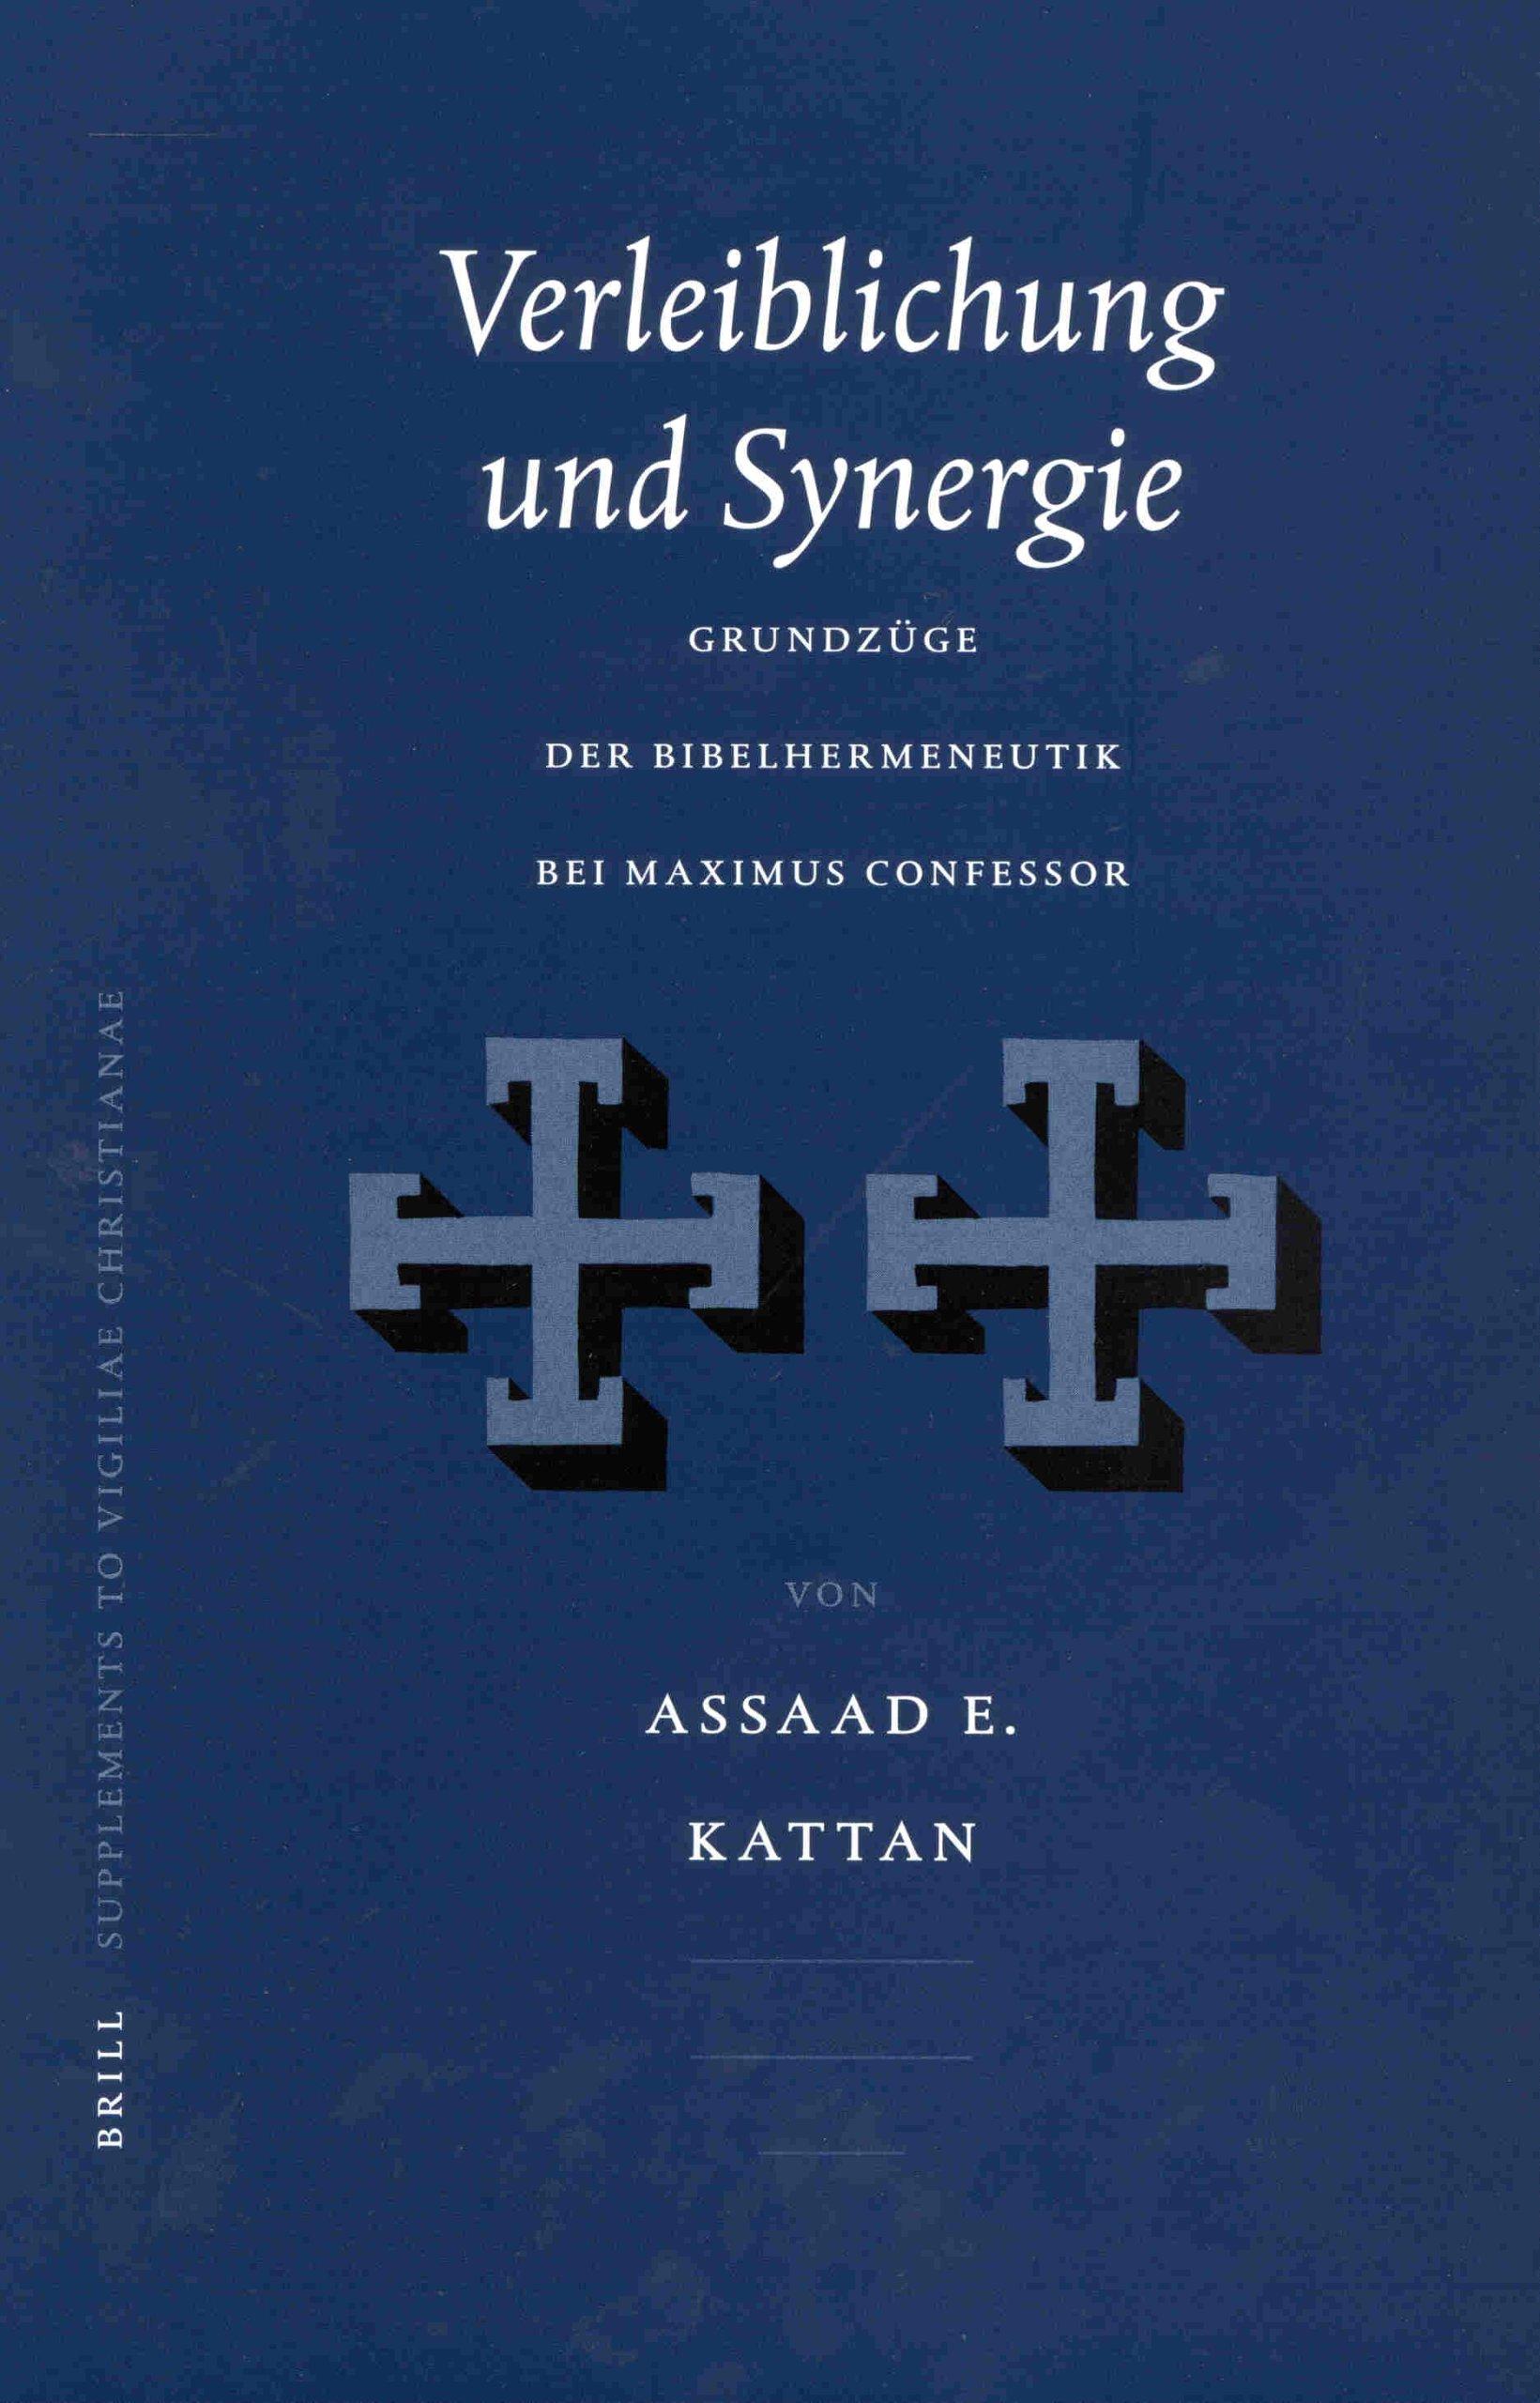 Verleiblichung Und Synergie: Grundzüge Der Bibelhermeneutik Bei Maximus Confessor (Supplements to Vigiliae Christianae) (German Edition) pdf epub